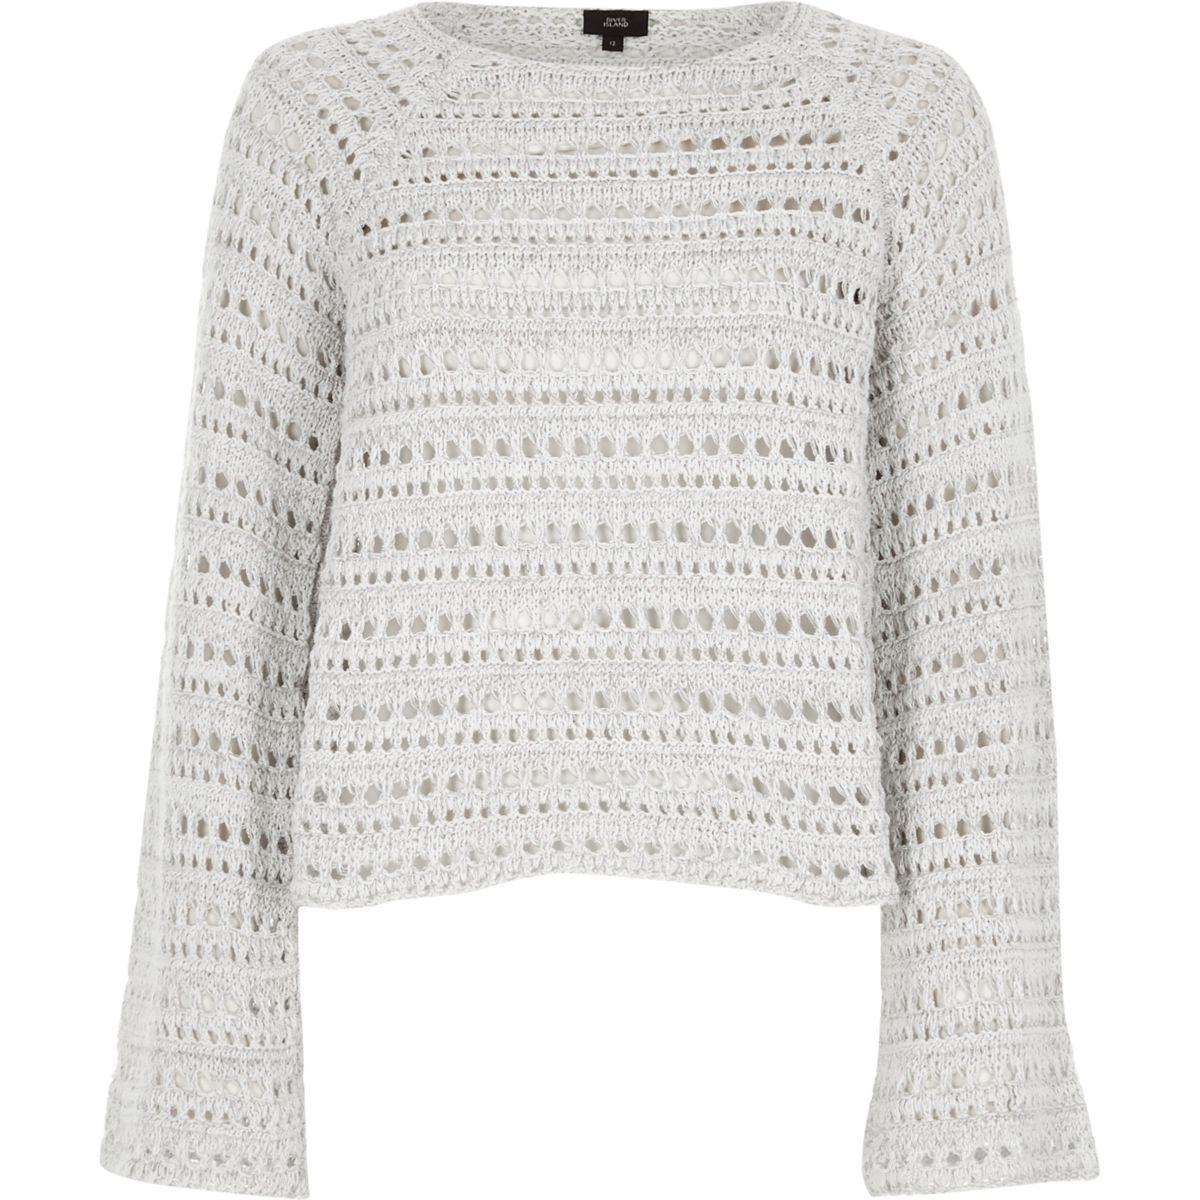 Light grey open knit wide sleeve jumper